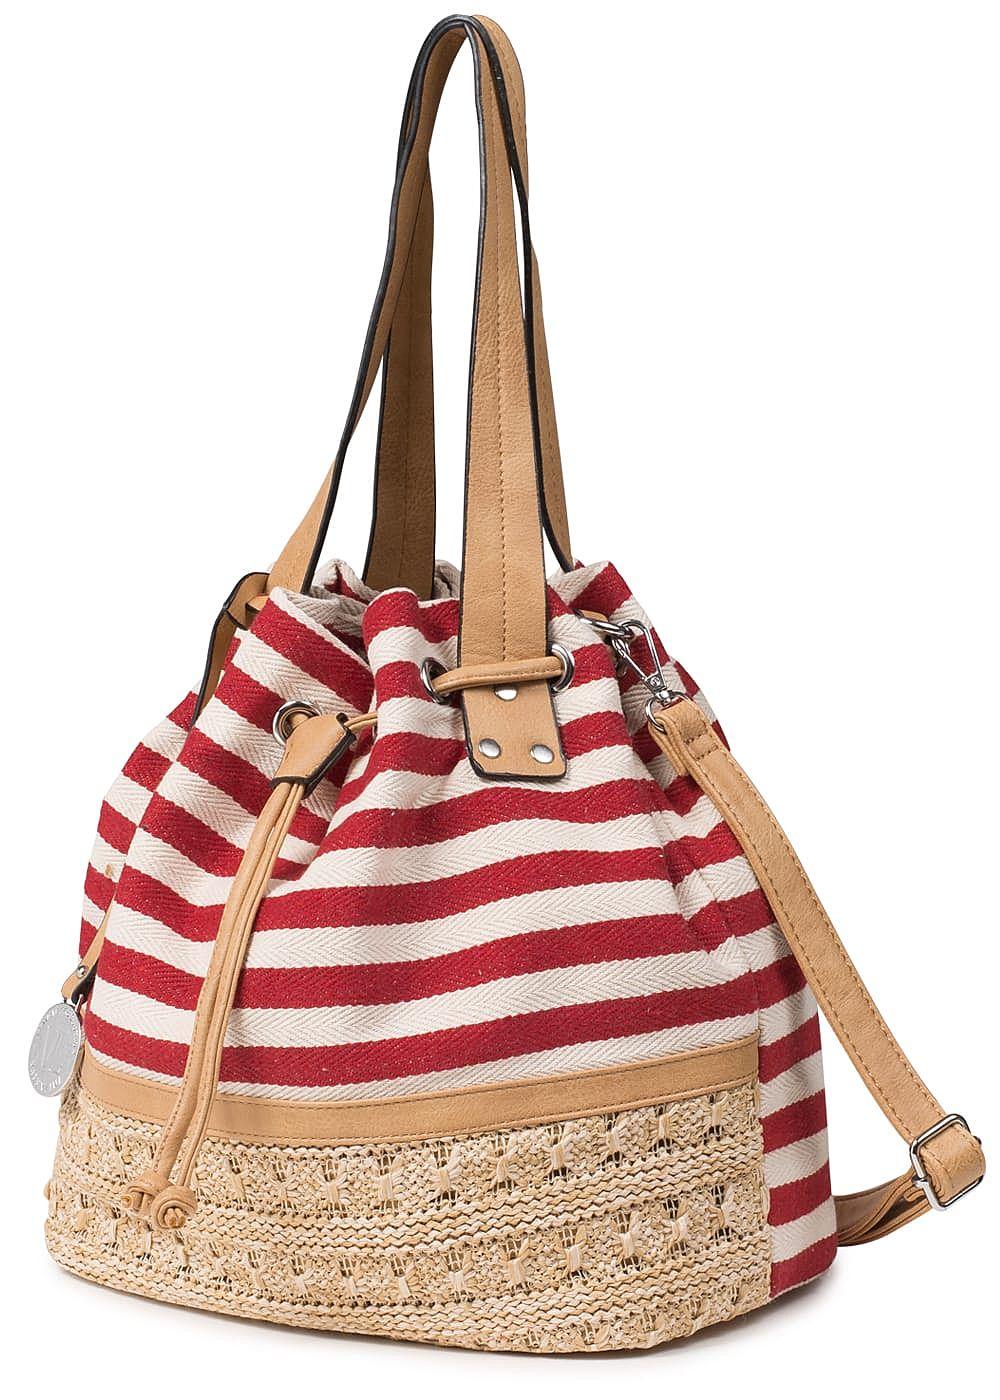 6701b39c03ce0 Styleboom Fashion Damen Handtasche Streifen Breite  42 cm Höhe  32cm ...